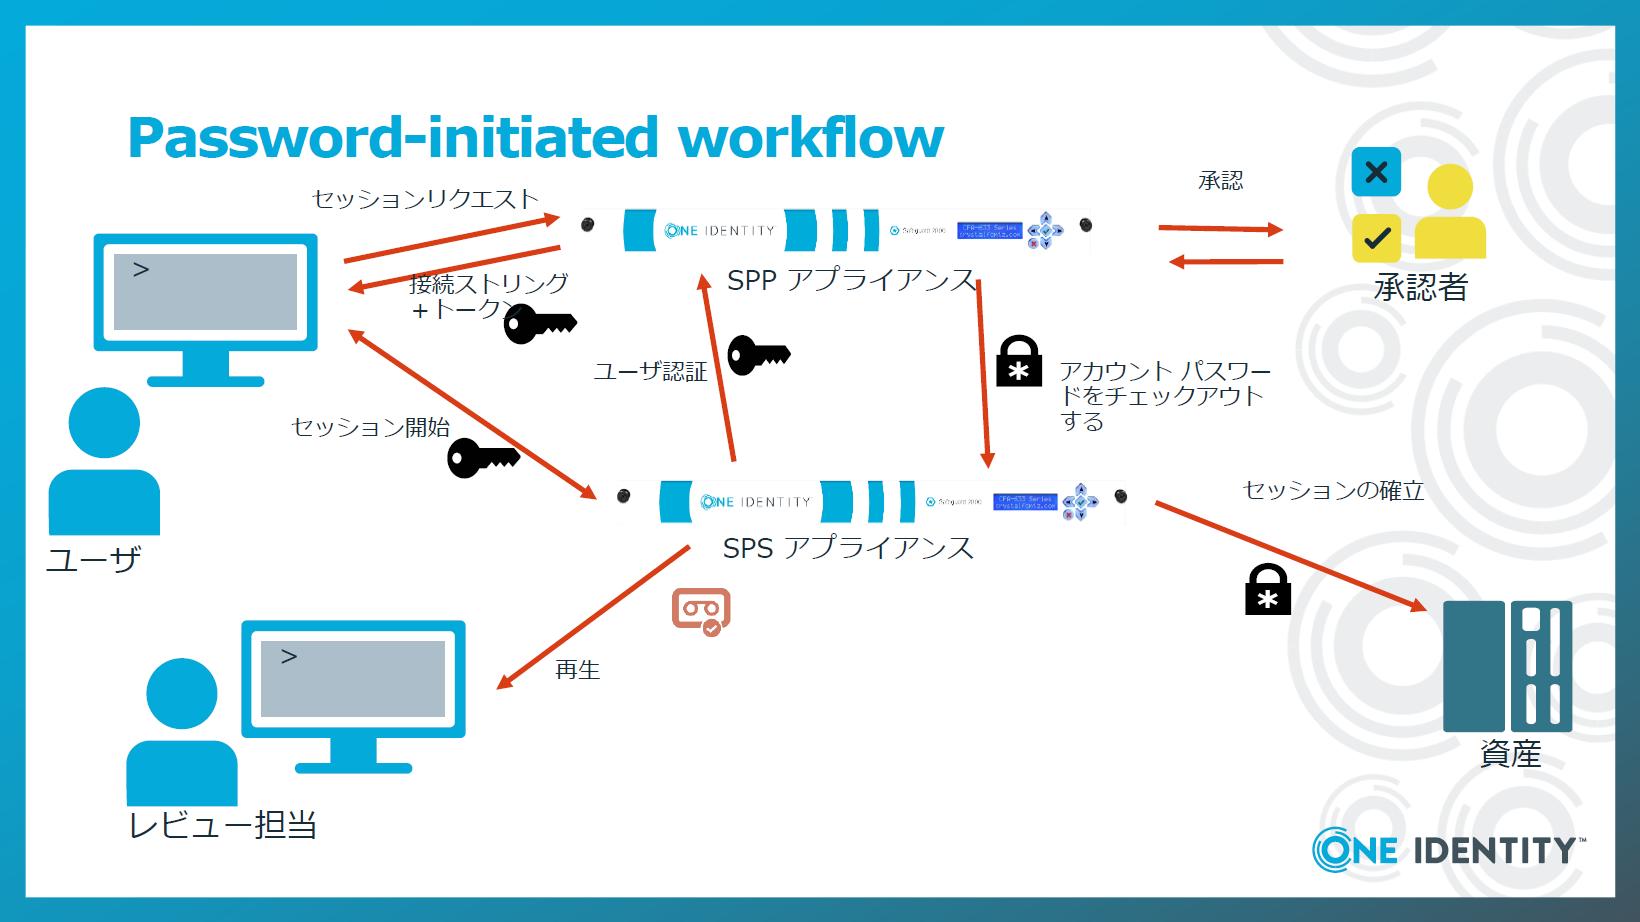 Password-initiated workflow